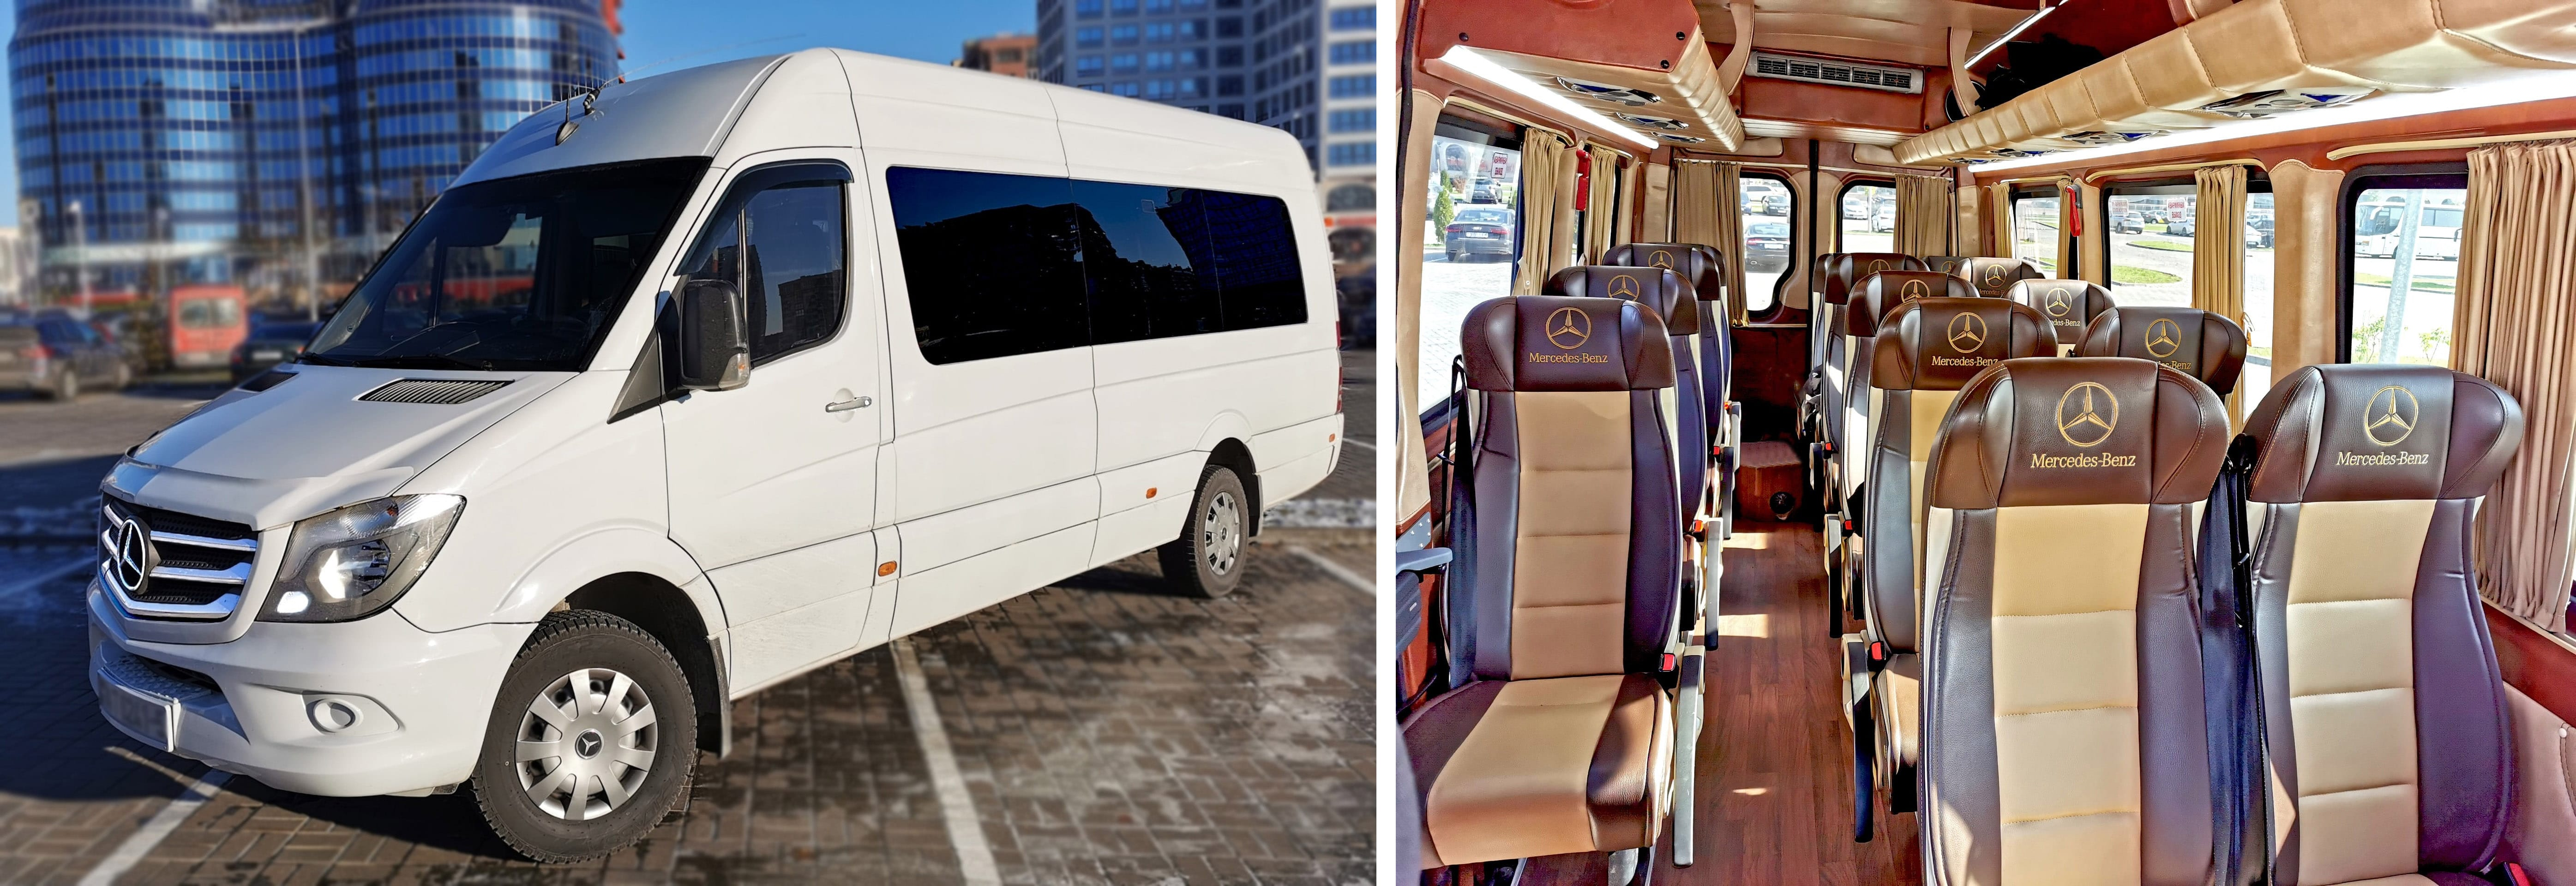 Микроавтобус на свадьбу аренда с водителем Минск Жодино Борисов